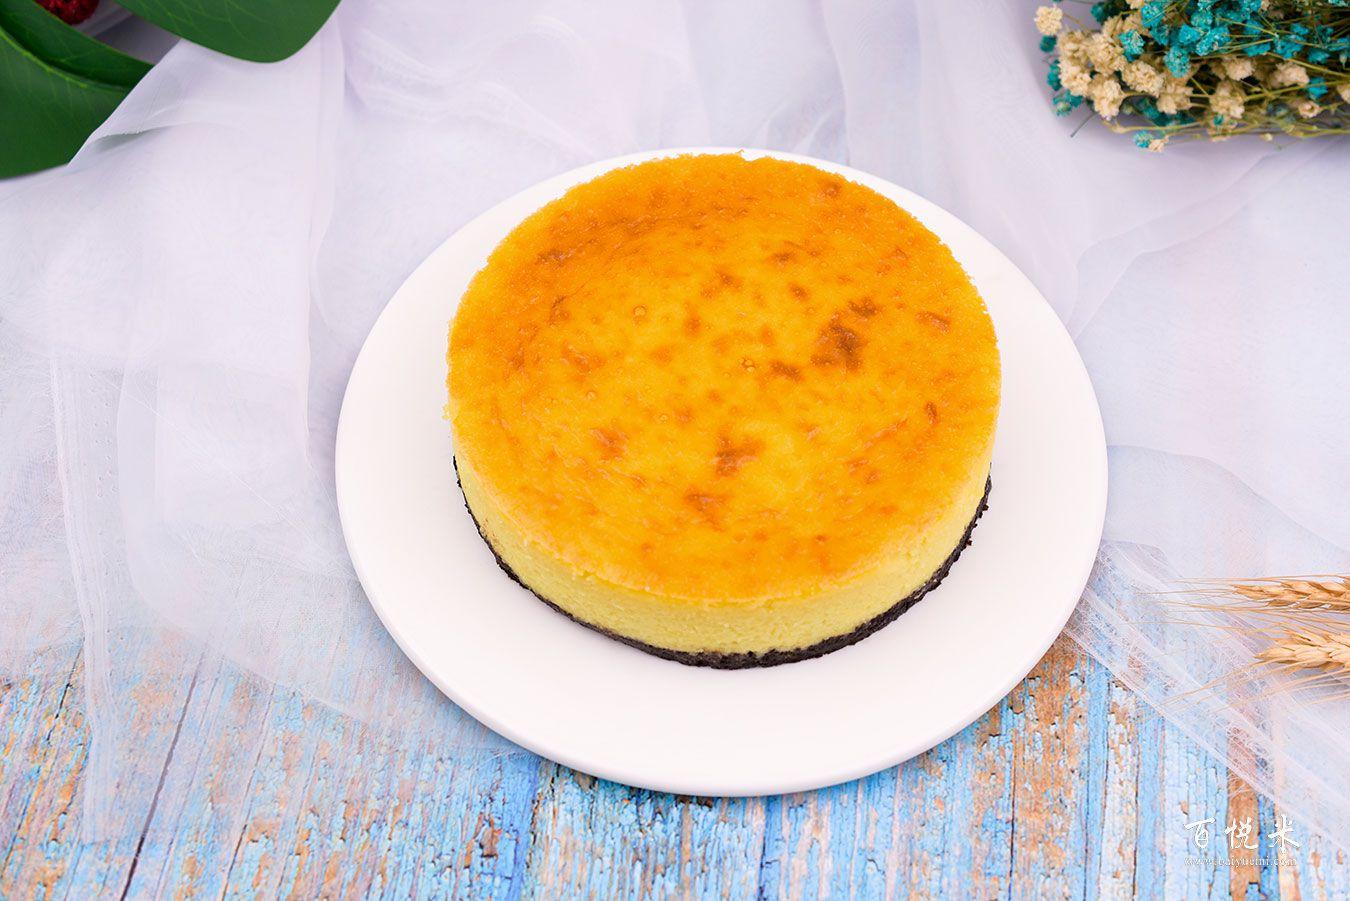 榴莲奶酪蛋糕高清图片大全【蛋糕图片】_823